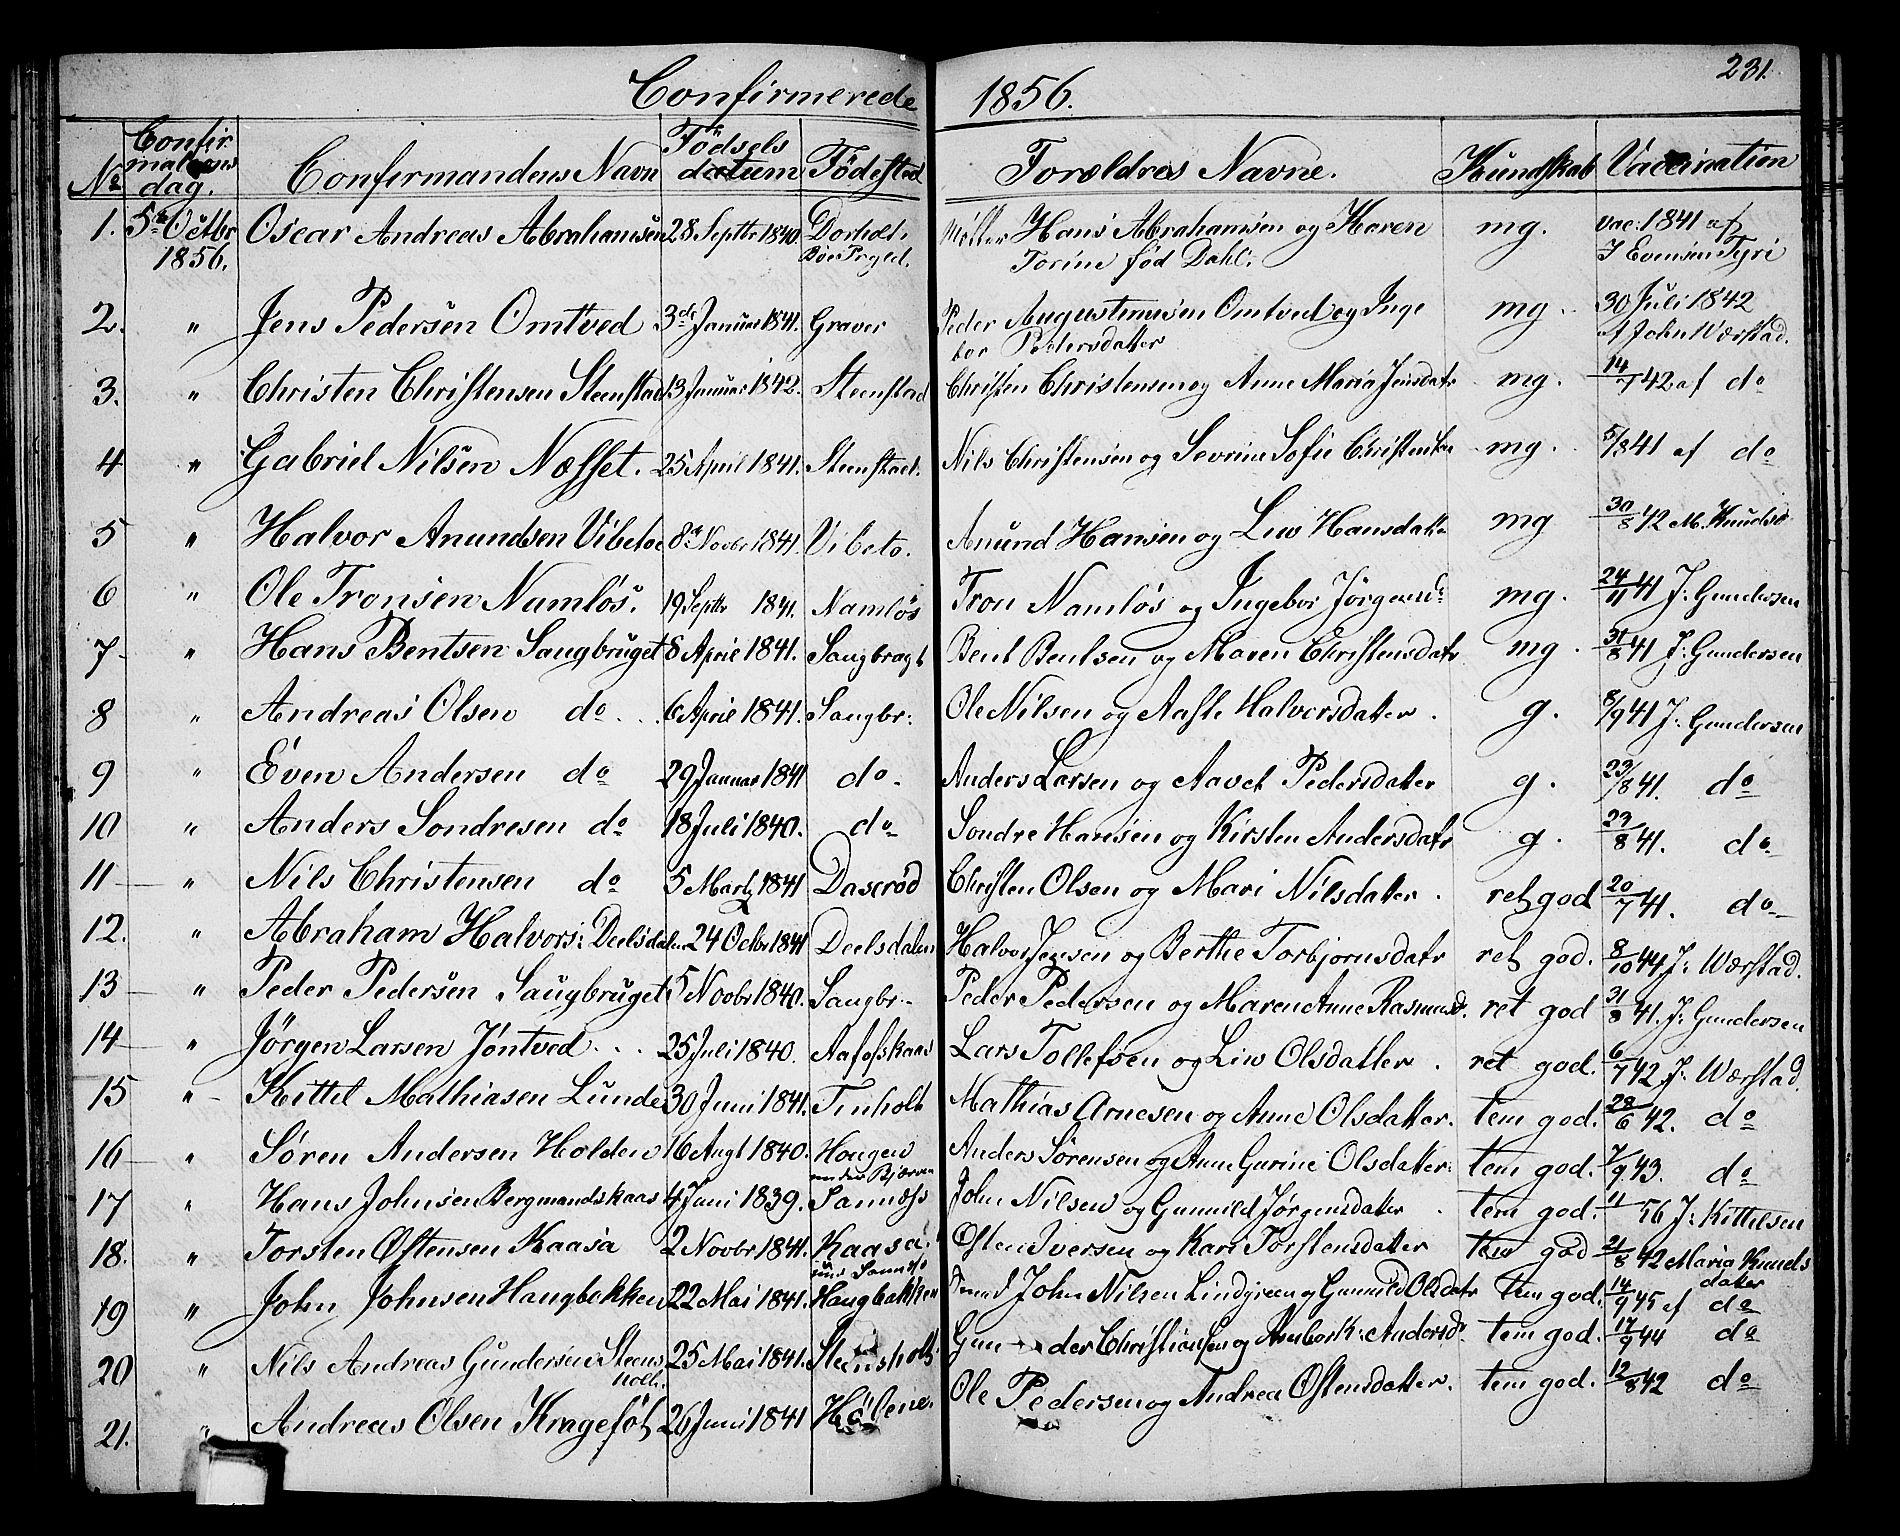 SAKO, Holla kirkebøker, G/Ga/L0003: Klokkerbok nr. I 3, 1849-1866, s. 231